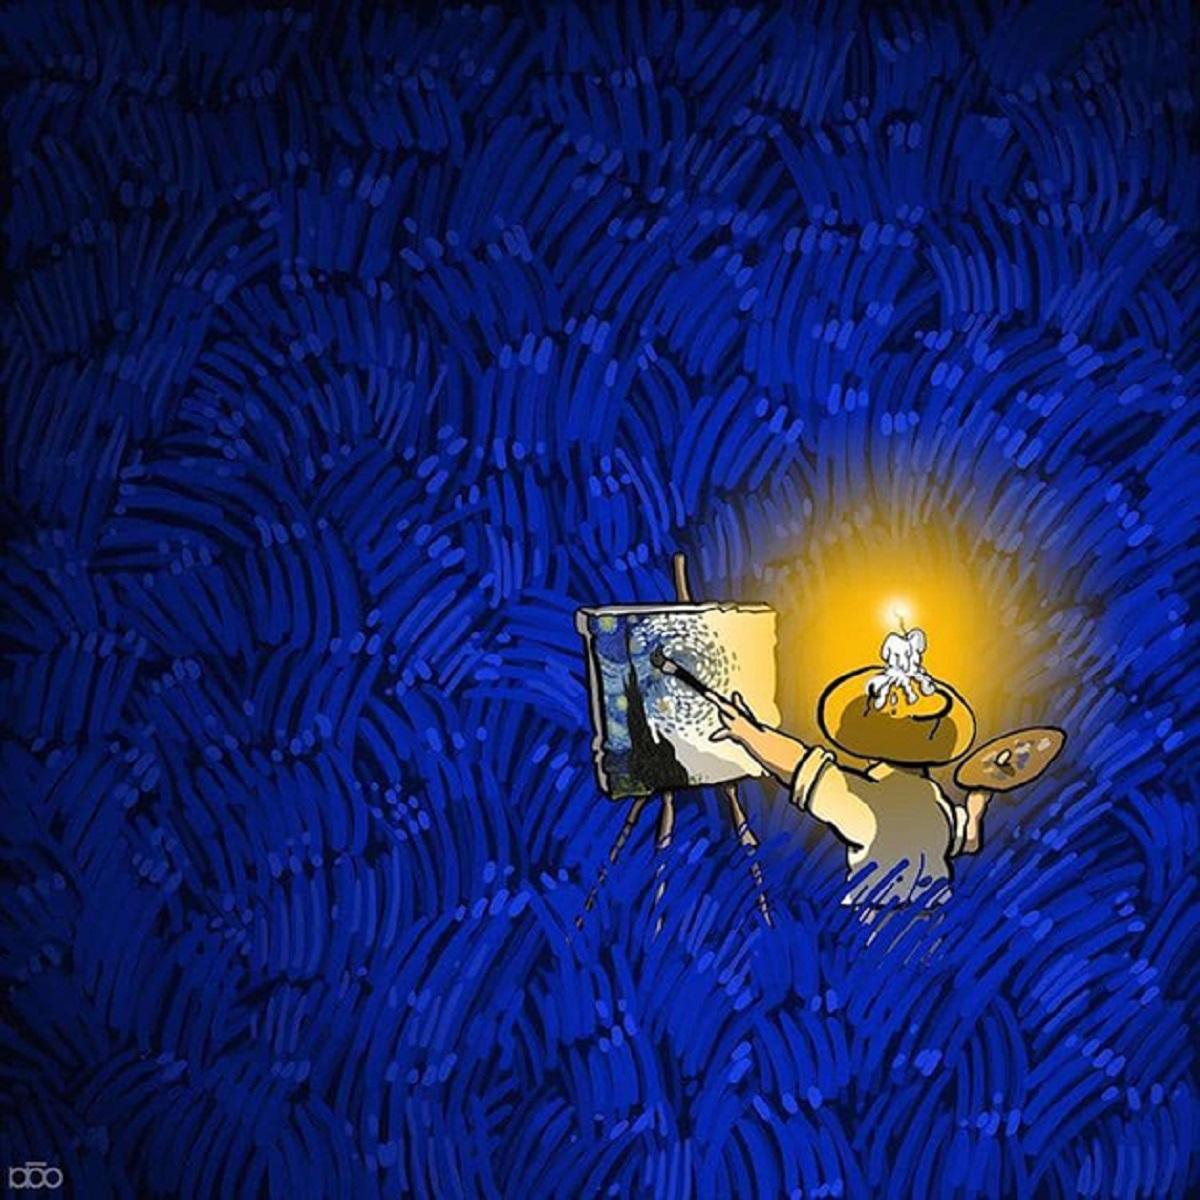 Karimi Van Gogh 05 - Ilustrador Iraniano desenhou a vida de Van Gogh em lindos quadrinhos